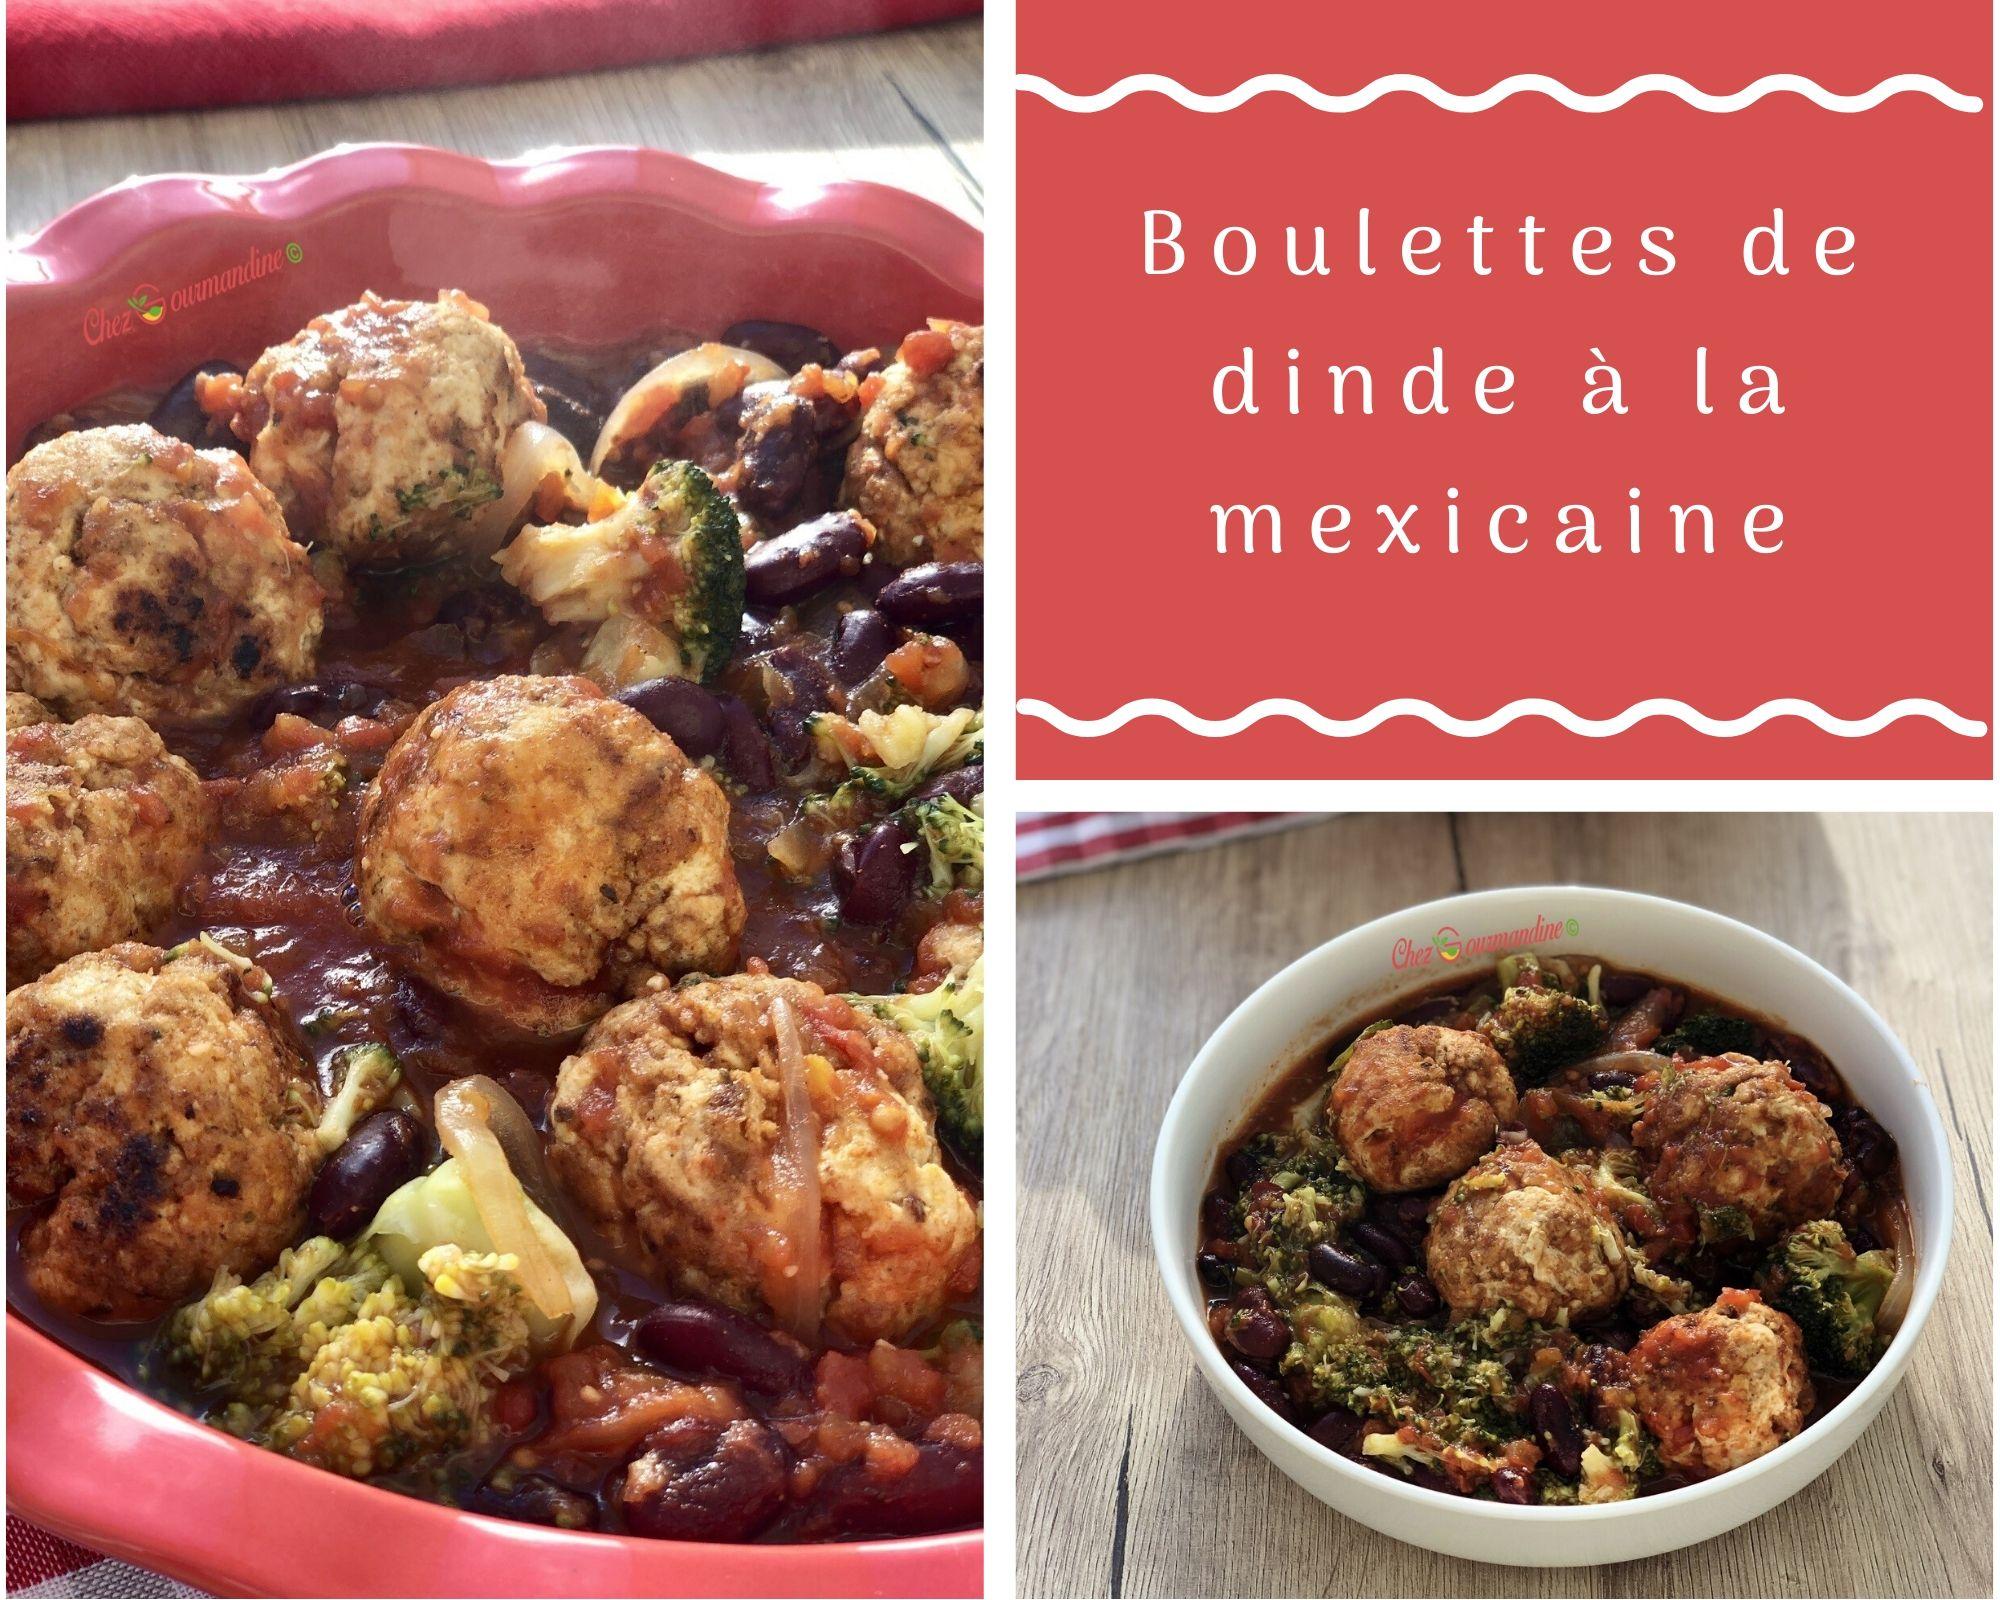 Boulettes de dinde à la mexicaine